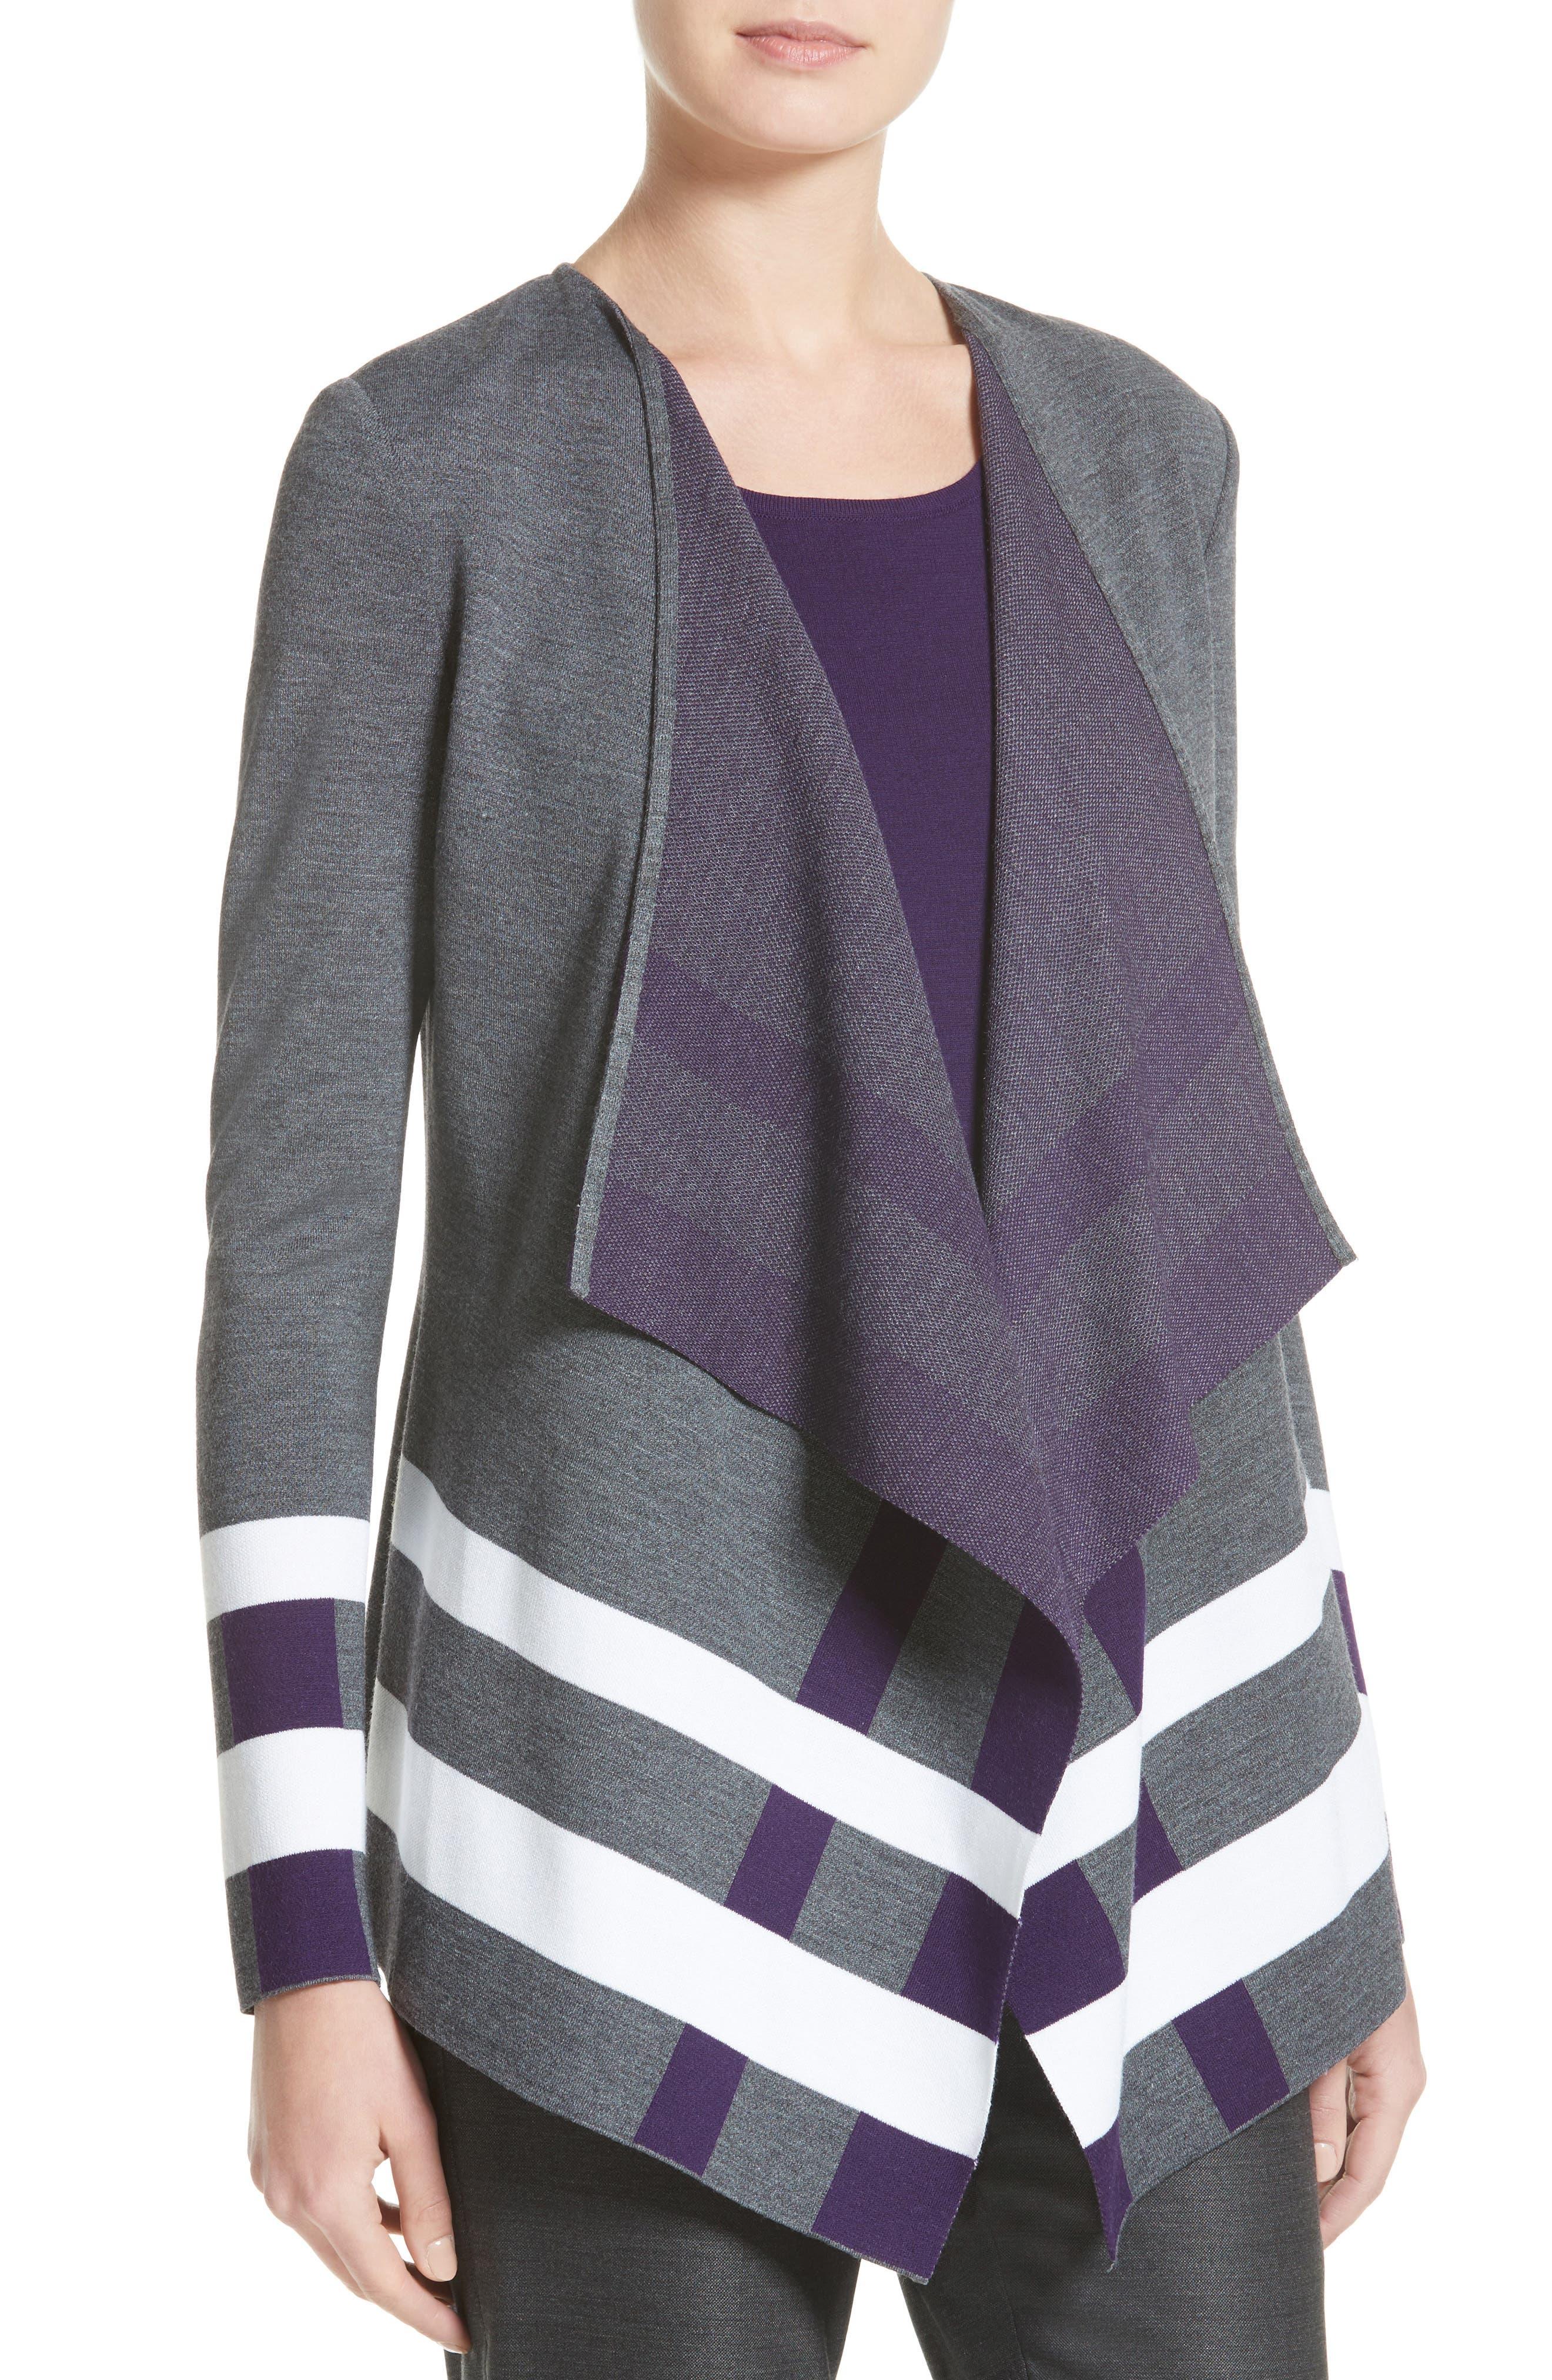 Milano Knit Jacquard Drape Front Jacket,                             Alternate thumbnail 4, color,                             Flint Multi